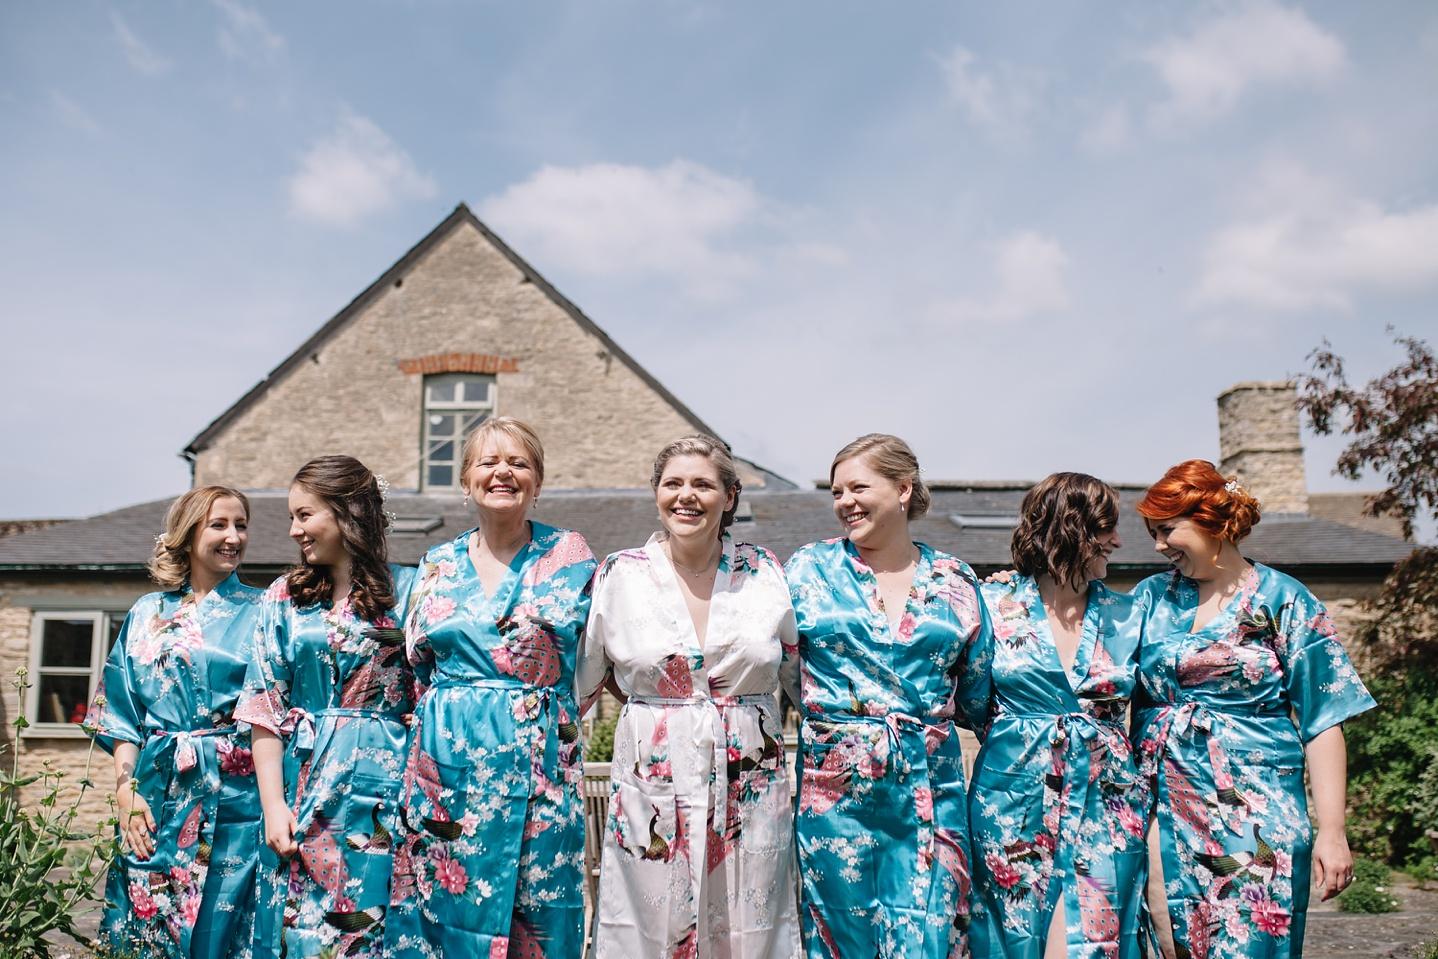 Oxleaze-Barn-Wedding-Photographer_0013.jpg